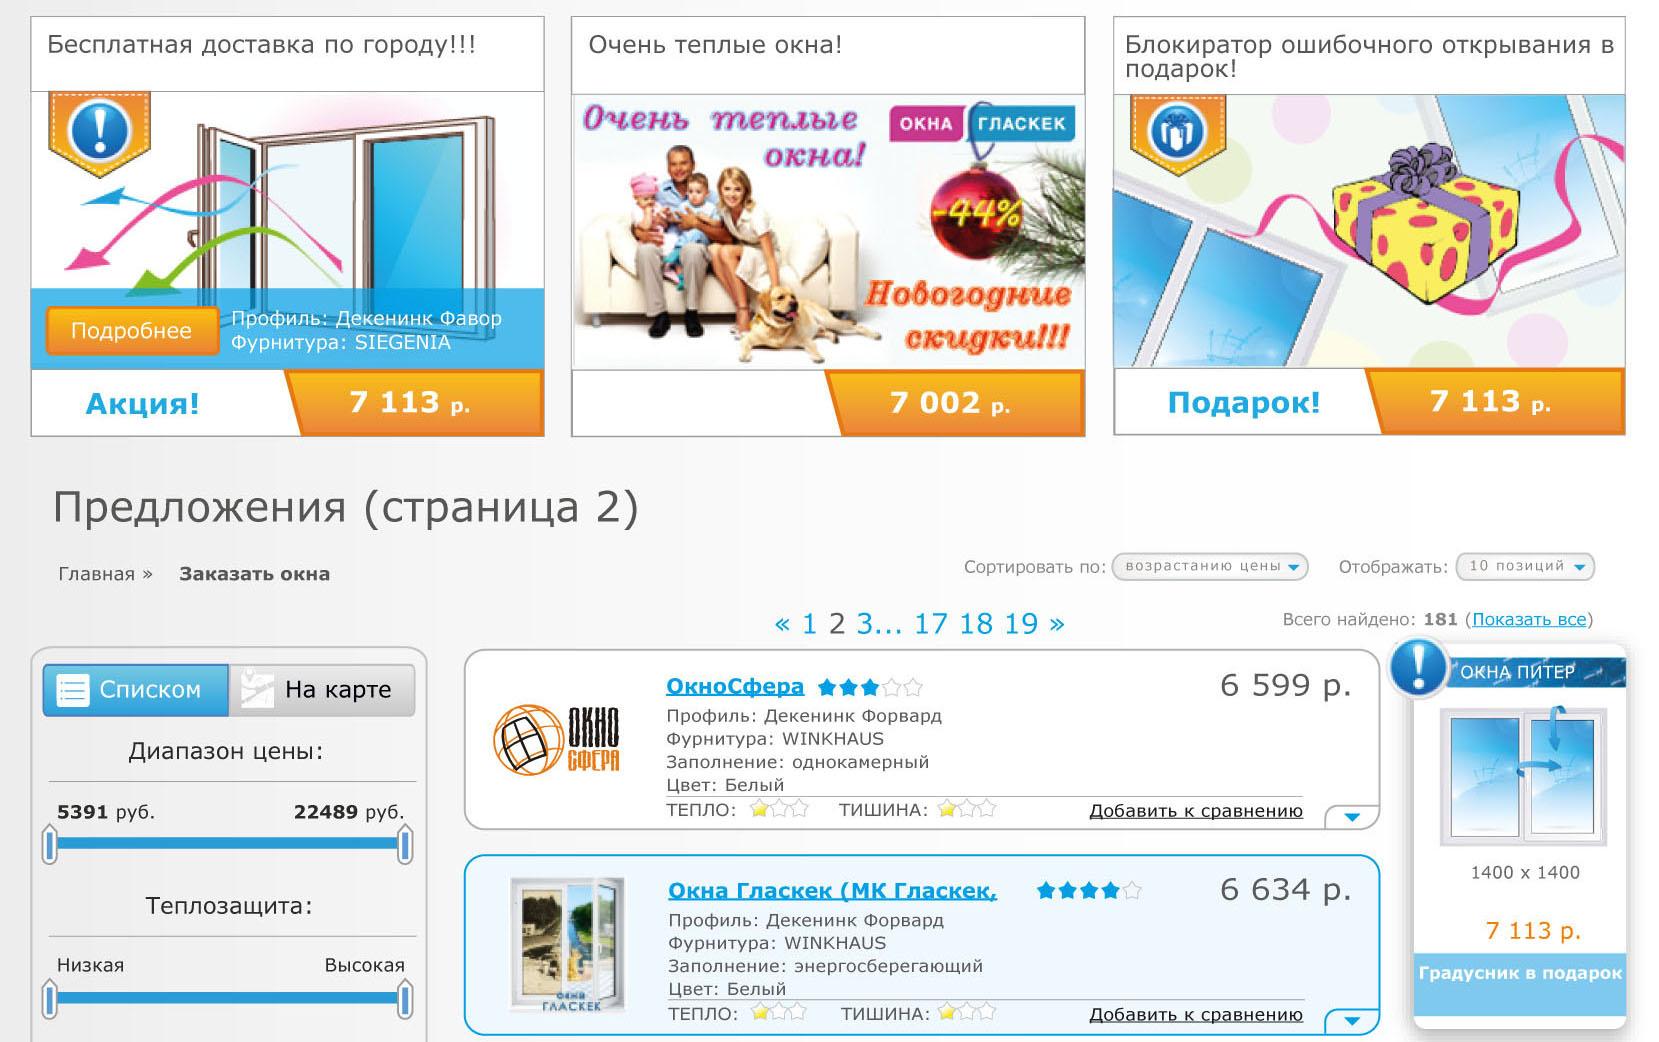 Окна выгодно: специальные предложения на ОКНА.РФ